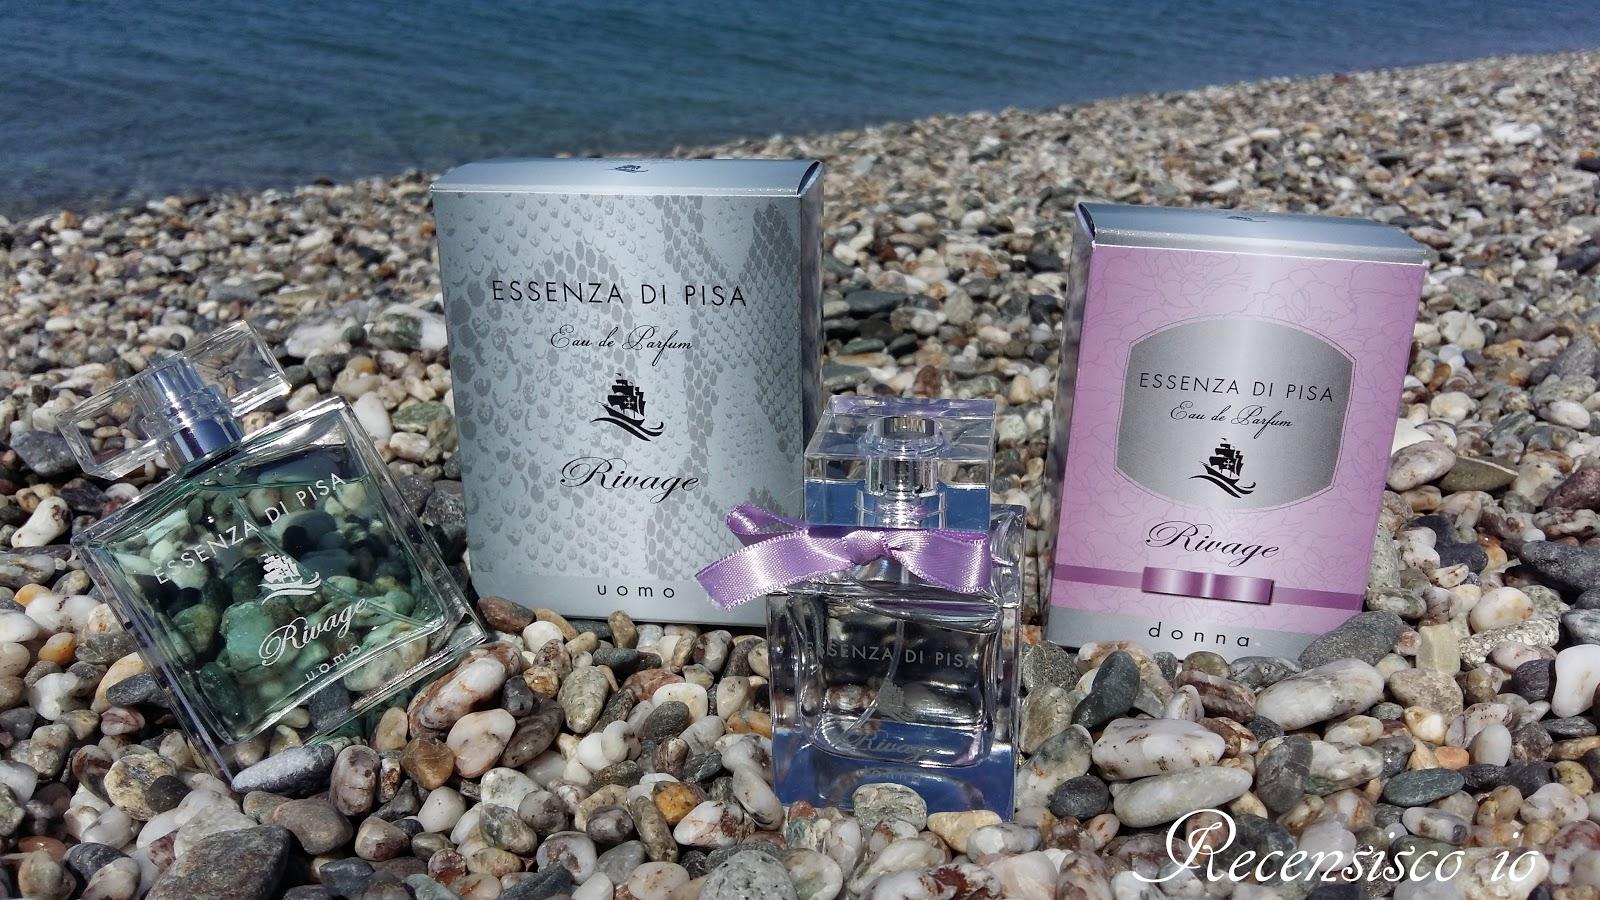 Recensisco Qualita' Artigianali Di Pisaprofumi IoEssenza 2YWH9EDIe